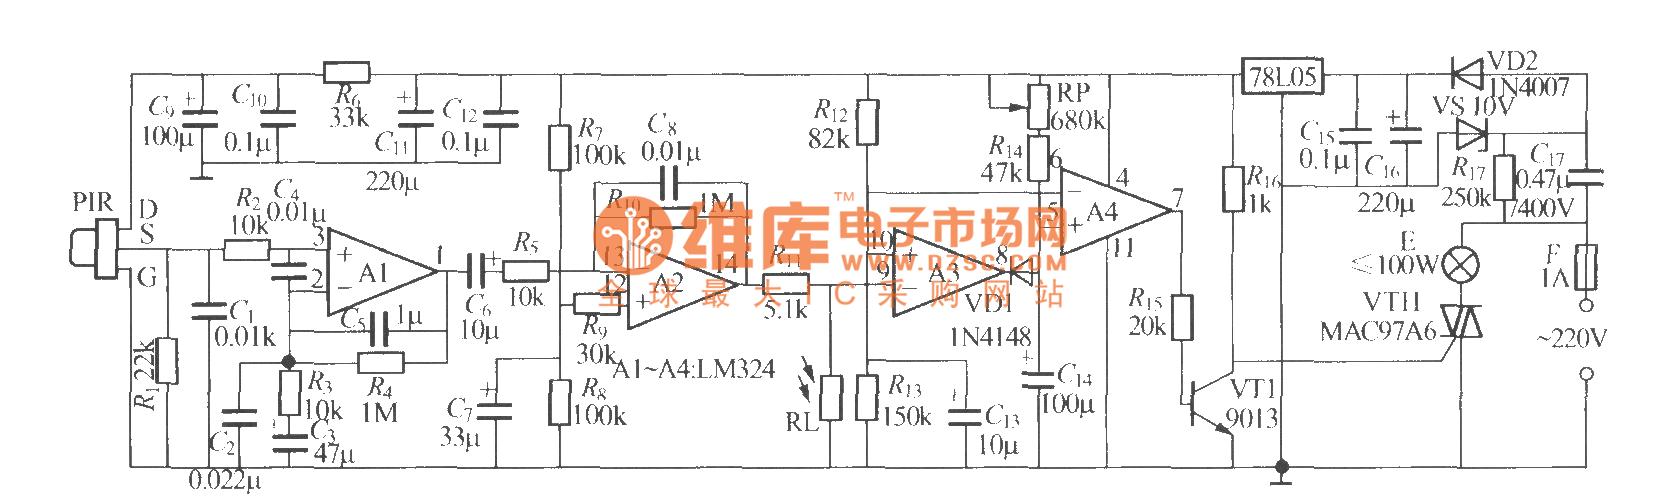 pir可采用p228型等热释电红外传感器,为提高其灵敏度,最好为其加装